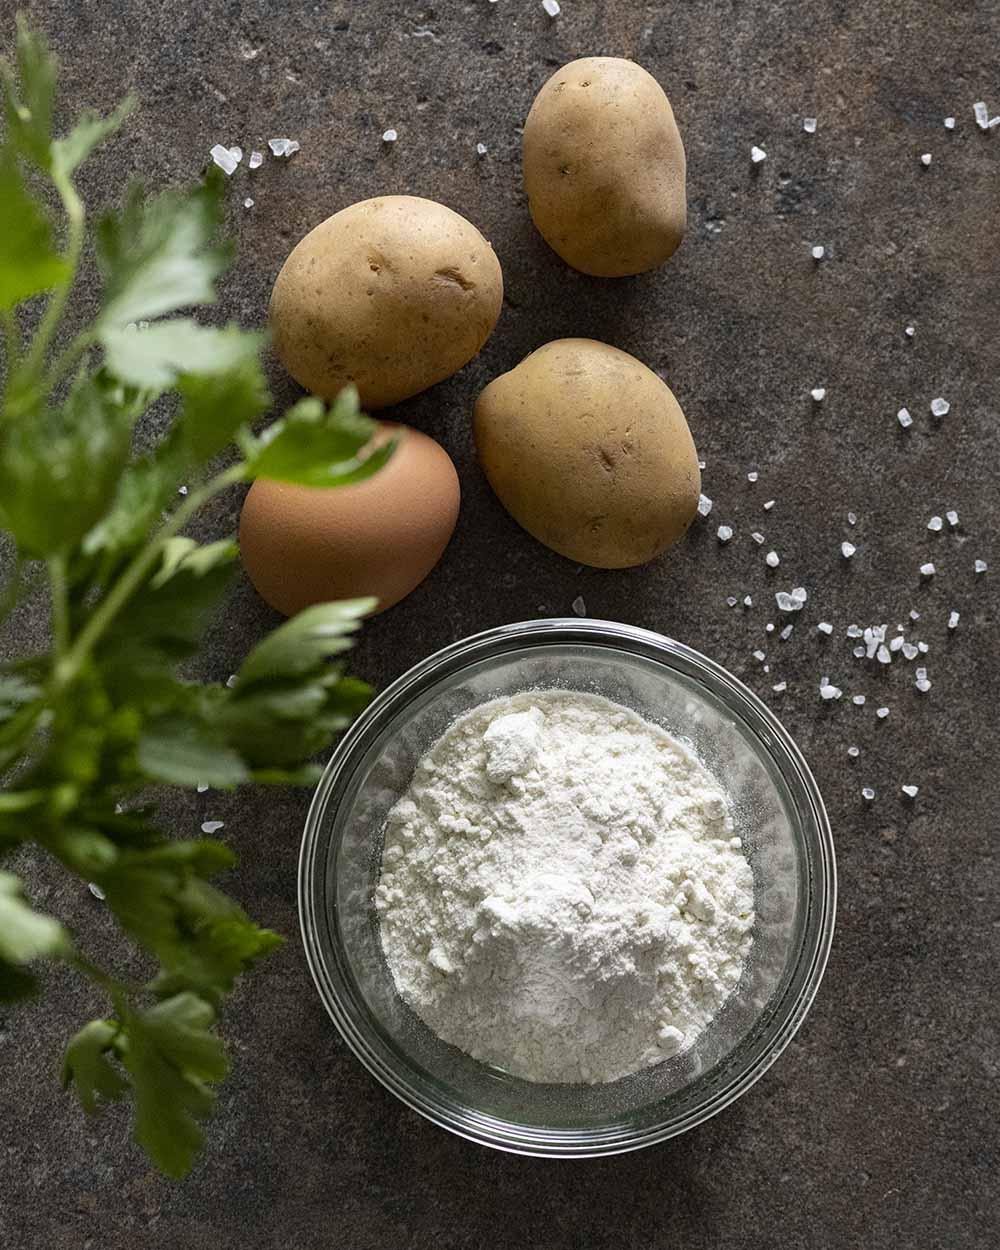 Auf dem Foto sind die Zutaten für unsere selbstgemachten Kartoffelwaffeln zu sehen, darunter frische Petersilie, Kartoffeln, ein Ei und Mehl.